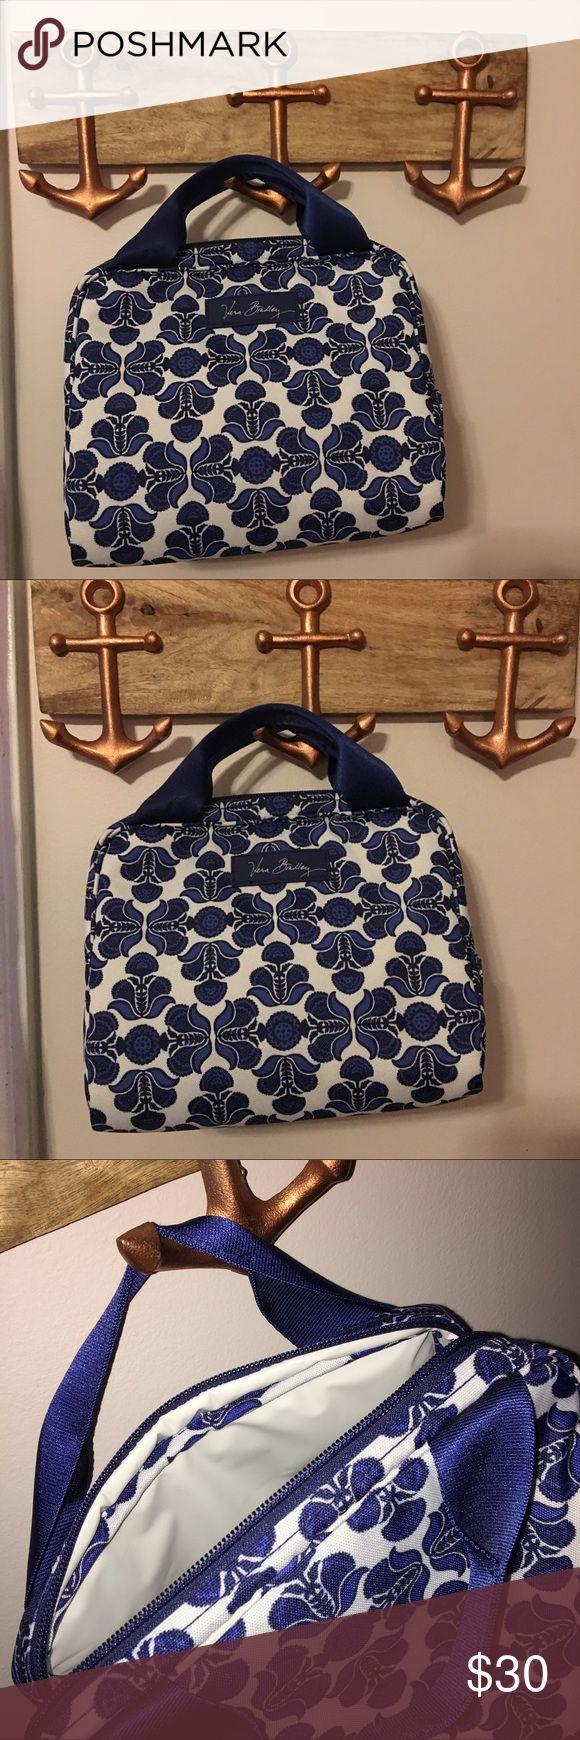 Vera Bradley Lunch Cooler Bag Vera Bradley Lunch Cooler Bag - never been used Vera Bradley Bags